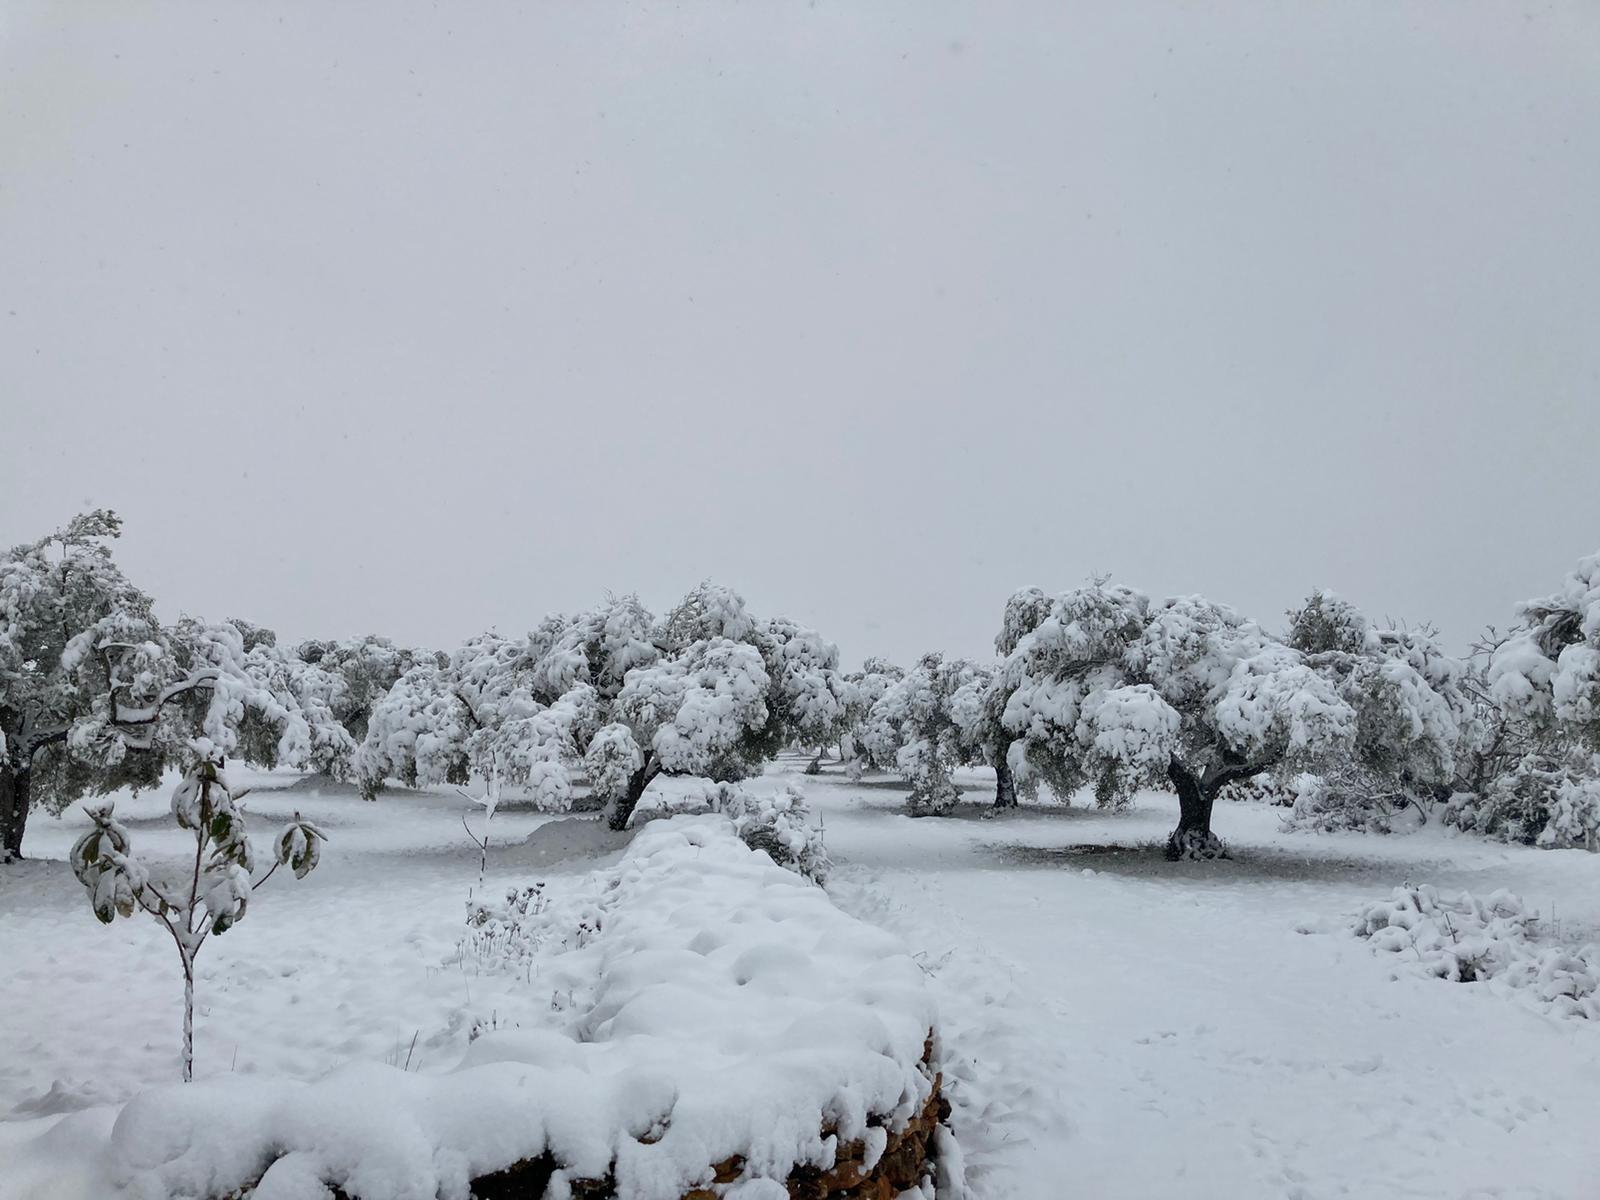 Ingezonden foto's van onze lezers van de sneeuwval in Spanje